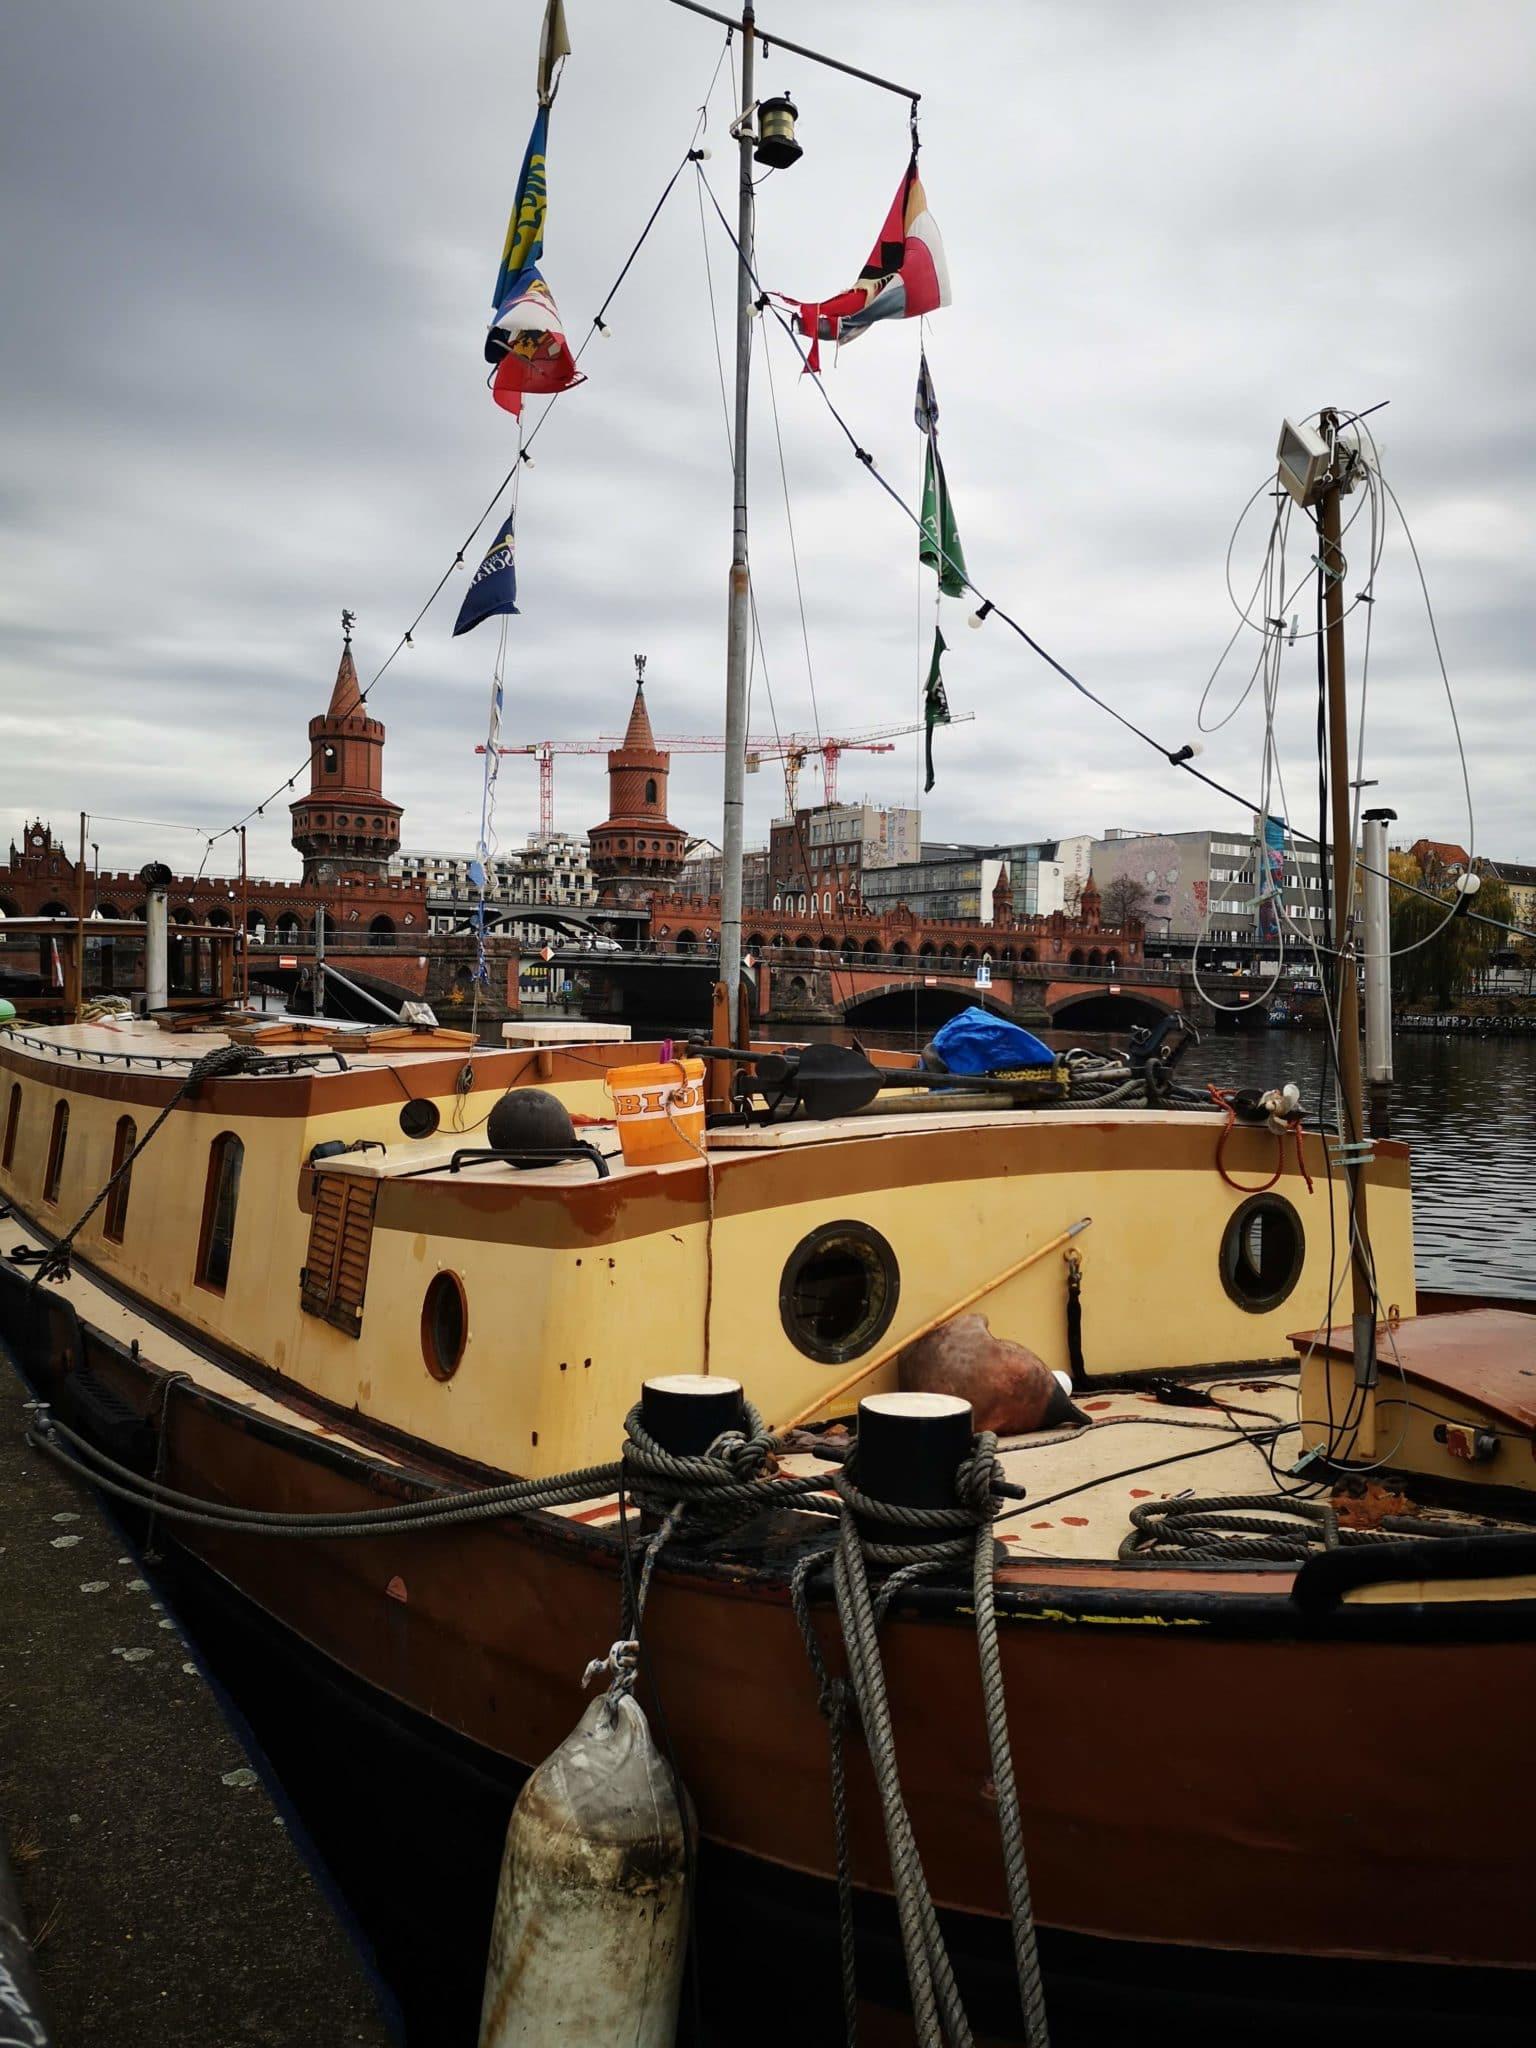 Hausboot_Berlin_grossekoepfe